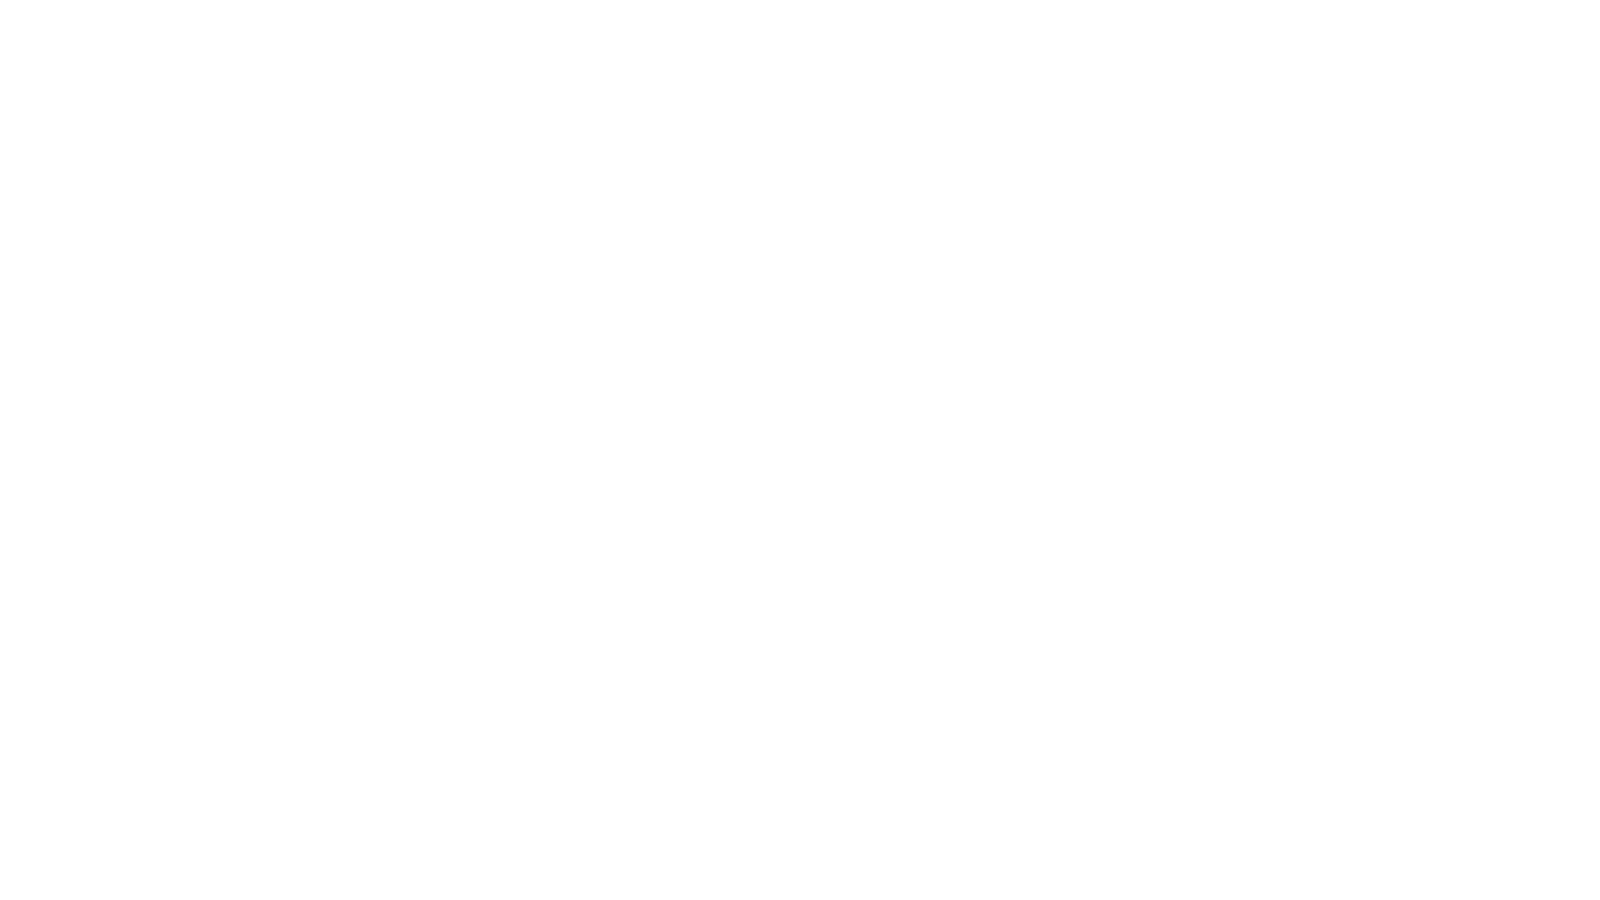 Подпишитесь на  «Автоподбор Форсаж - ОТЗЫВЫ»: http://bit.ly/AvtopodborForsageReviews ---------------------------------------------------------------------------------------- Подобрали✅: ⠀ Марка: KIA Модель: CEED Год выпуска: 2012 Тип двигателя: бензин Привод: передний Коробка передач: MT Модификация: 1.6 129л.с Пробег: 45.000 км Кузов: универсал Владельцев по ПТС: 1 Цвет: бежевый Окрасы: без окрасов Рассмотрено автомобилей: 12 Юридических проверок: 7 Выездов: 2 Срок подбора 7 дней Цена: 635.000₽ до торга. После торга: 620.000₽ https://youtu.be/eYyEV7aYXtU⠀ Поздравляем Николая от всей команды Форсаж с отличной покупкой и желаем счастливой эксплуатации!) ---------------------------------------------------------------------------------------- Подобрали KIA Ceed 2 за 620.000р,Отзыв Киа Сид 2012 1.6 МТ,Автоподбор Форсаж - ОТЗЫВ 64,Подобрали KIA Ceed 2,KIA Ceed 2 за 620.000,Отзыв Киа Сид 2012,Киа Сид 2012 1.6 МТ,Киа Сид 2012,отзыв киа сид 2,сид 2,ceed 2,ceed 2012,kia ceed 2012,kia ceed 2012 обзор,kia ceed 2 универсал,киа сид 2 универсал,KIA Ceed 2 Универсал,KIA Ceed 2 Универсал за 620.000,сид универсал 2012,киа сид универсал 2012,автоподбор форсаж отзывы,илья автоподбор,илья ушаев,бу авто #автоподборфорсажотзывы #ильяушаевотзывы #ильяушаевавтоподборфорсажотзывы #ильяавтоподборотзывы #автоподборотзывы #подборавтоотзывы #автоподборфорсаж #ильяушаев #автоэкспертильяушаев #экспертпоавтоильяушаев #автоэкспертильяфорсаж #ильяподборавто #ильяушаевподборавто #ильяфорсаж #подборавтофорсаж #ильяавтоподбор #ильяушаевавтоподборфорсаж #podbormsk #aforsage Илья Ушаев гарантирует подбор только счастливых авто! ---------------------------------------------------------------------------------------- ⬇️ПРЕДЫДУЩИЙ ОТЗЫВ - 63⬇️  Подобрали VW Jetta за 675.000р!► https://youtu.be/UlaQpN4jWI8 ---------------------------------------------------------------------------------------- ⬇️ПОДБИРАЕМ МАШИНЫ ПО ВСЕЙ РОССИИ⬇️  - Основной YouTube-канал: http://bit.ly/AvtopodborForsage - VK:              ht